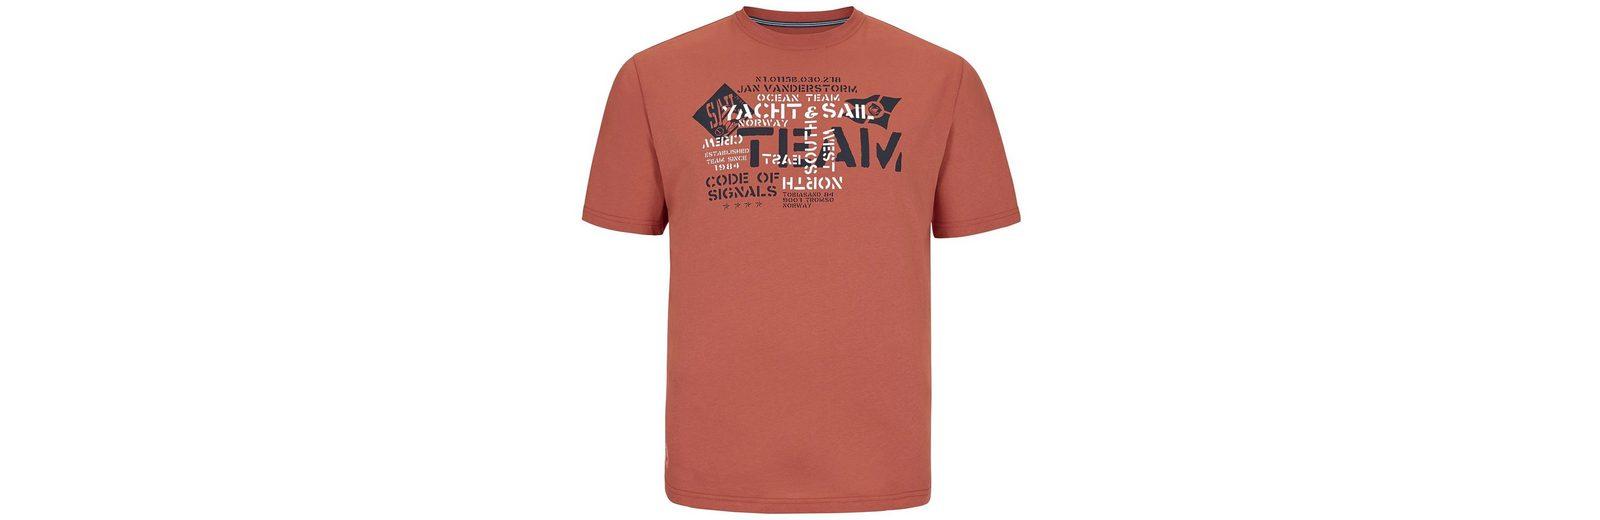 Jan Vanderstorm T-Shirt DIETHELM Erhalten Günstig Online Kaufen cq6R5xK